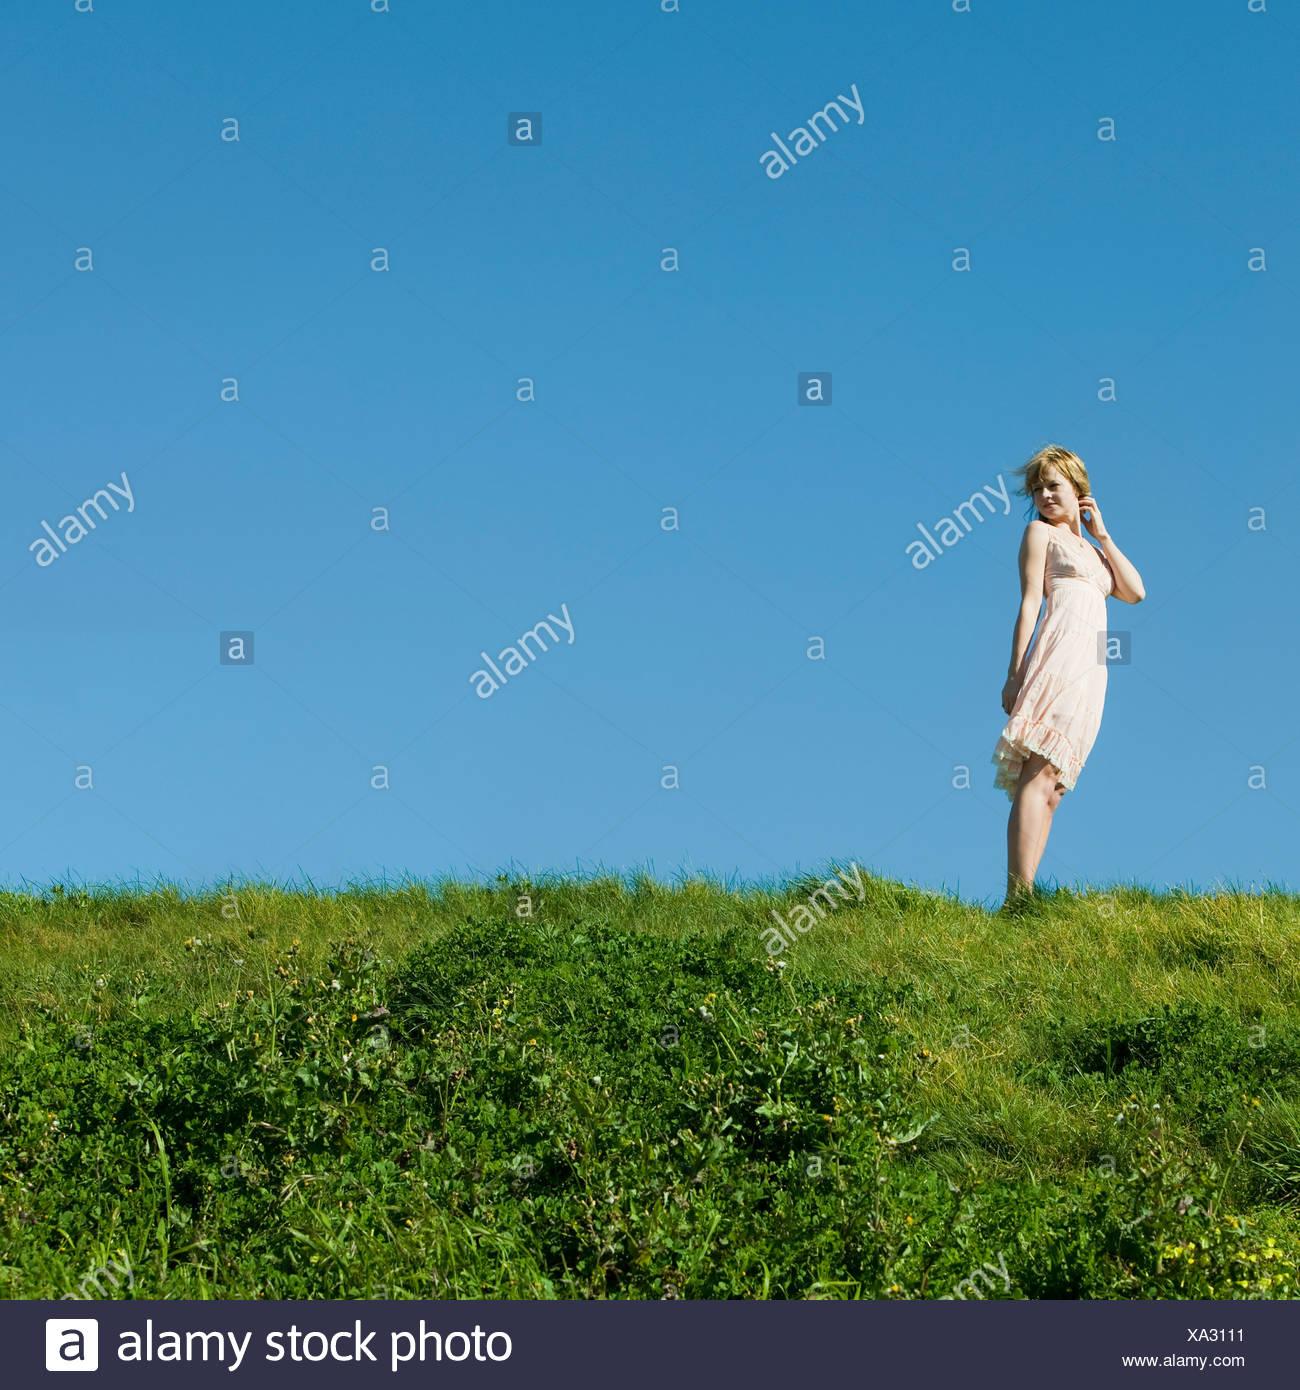 Stati Uniti, California, San Francisco, giovane donna in piedi sull'erba Immagini Stock